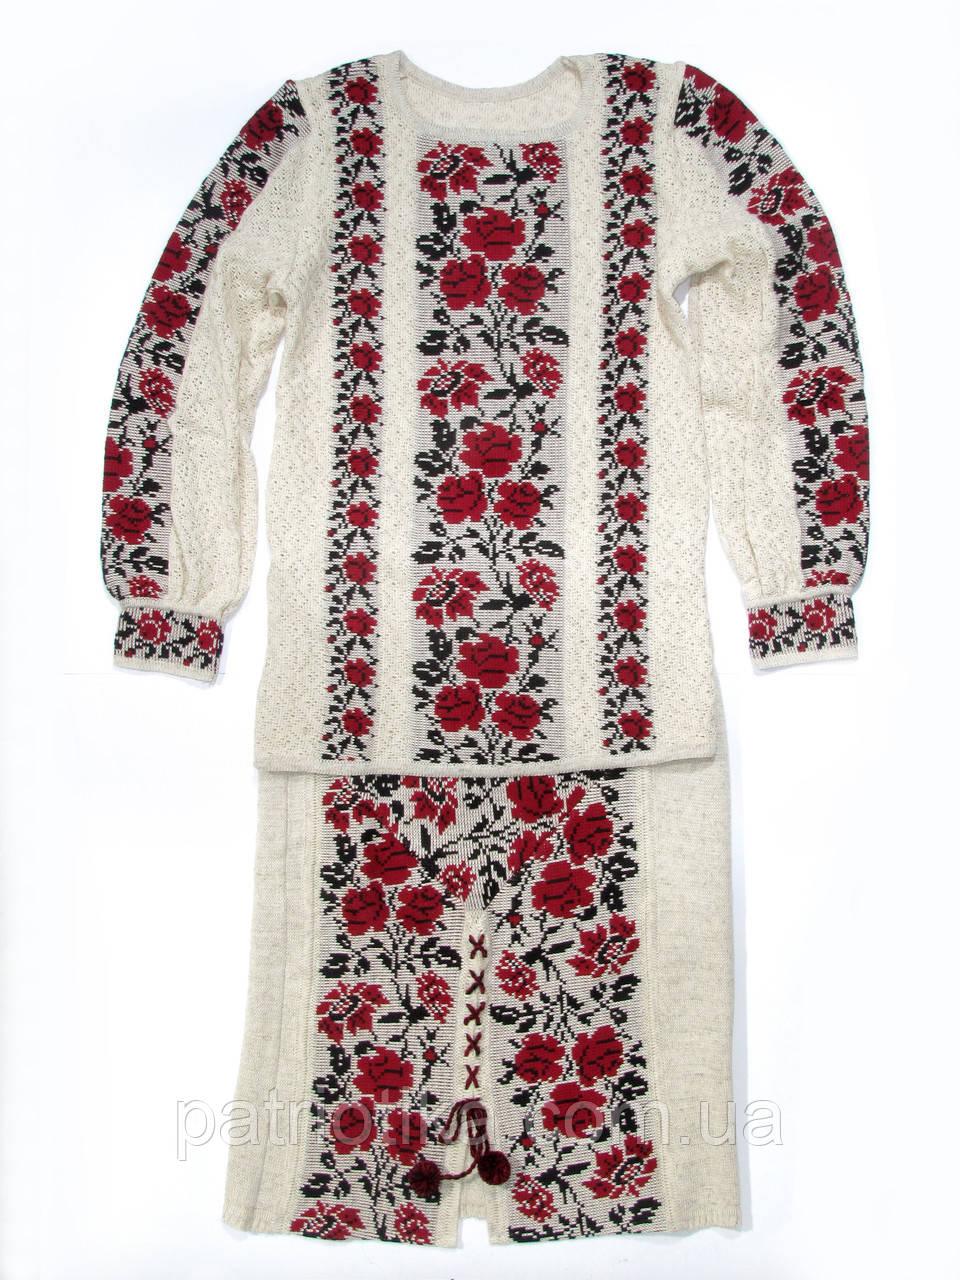 Вязаный женский костюм розы красные | В'язаний жіночий костюм троянди червоні